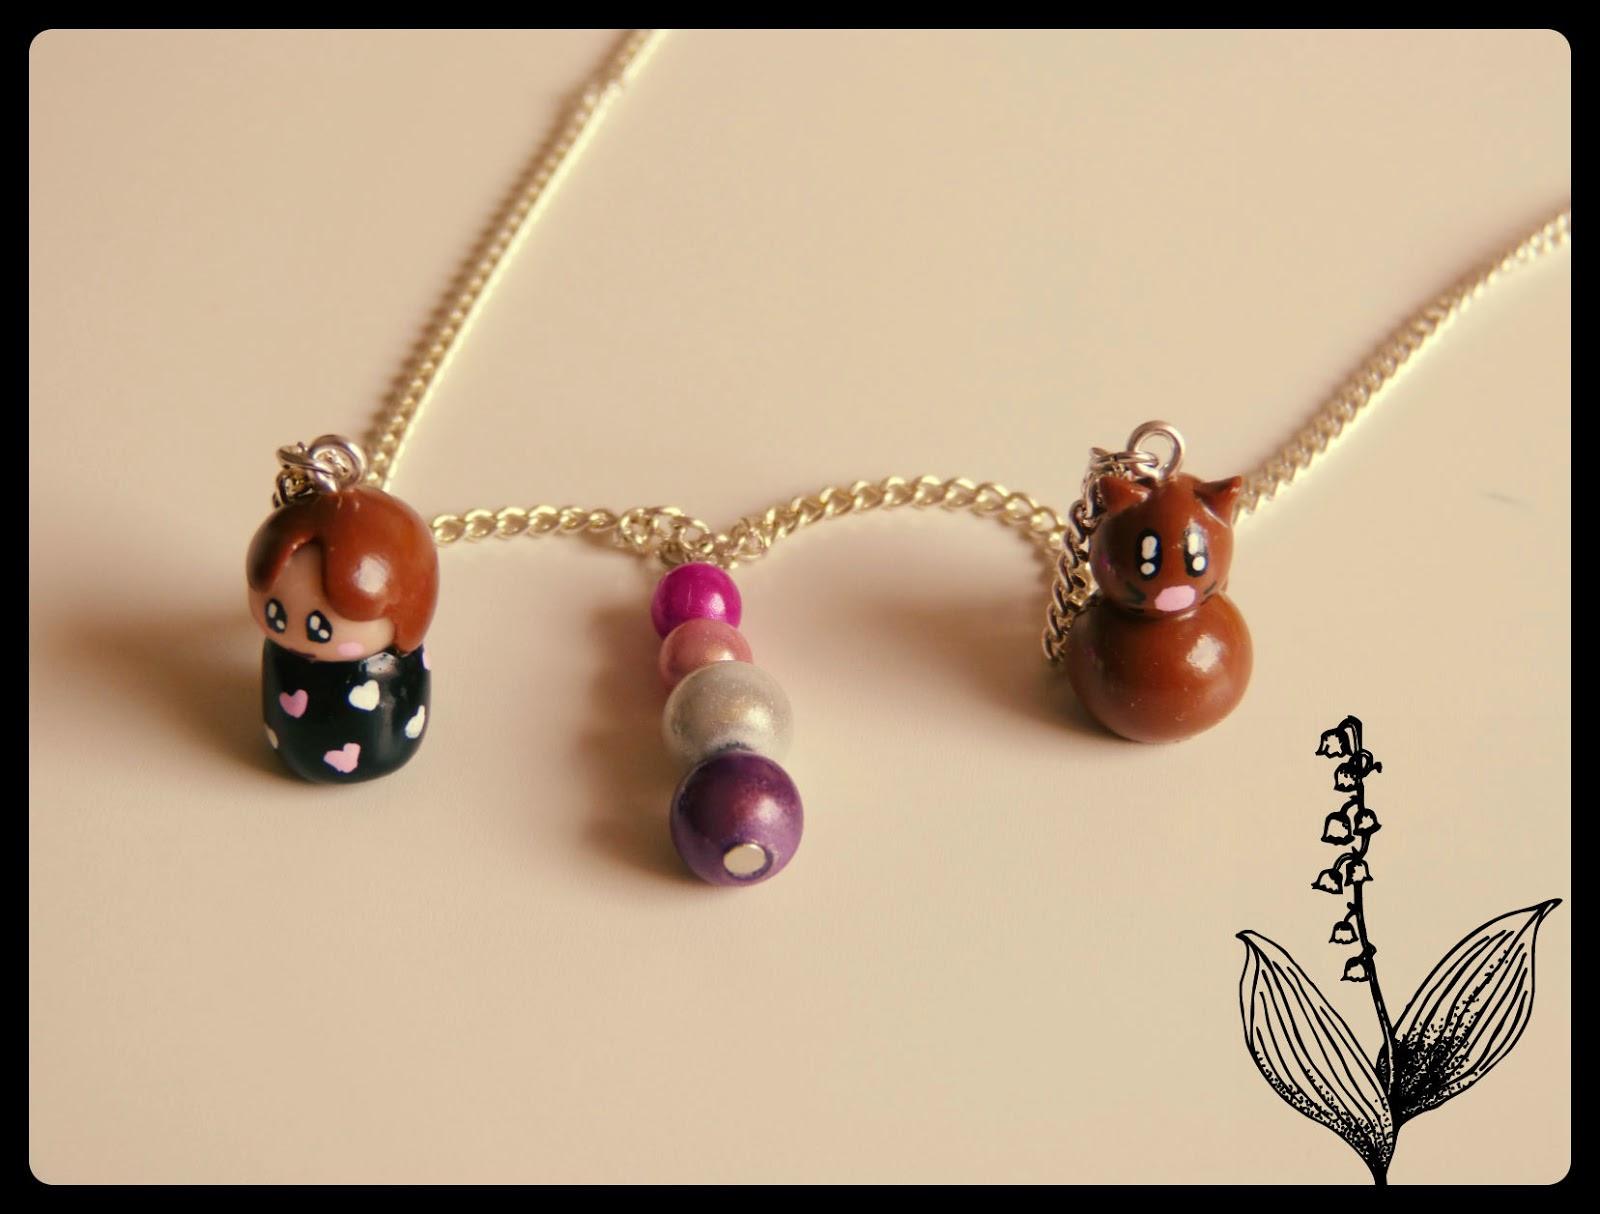 http://www.alittlemarket.com/collier/fr_joli_collier_de_printemps_theme_lily_her_cat_super_kawaii_-8250847.html